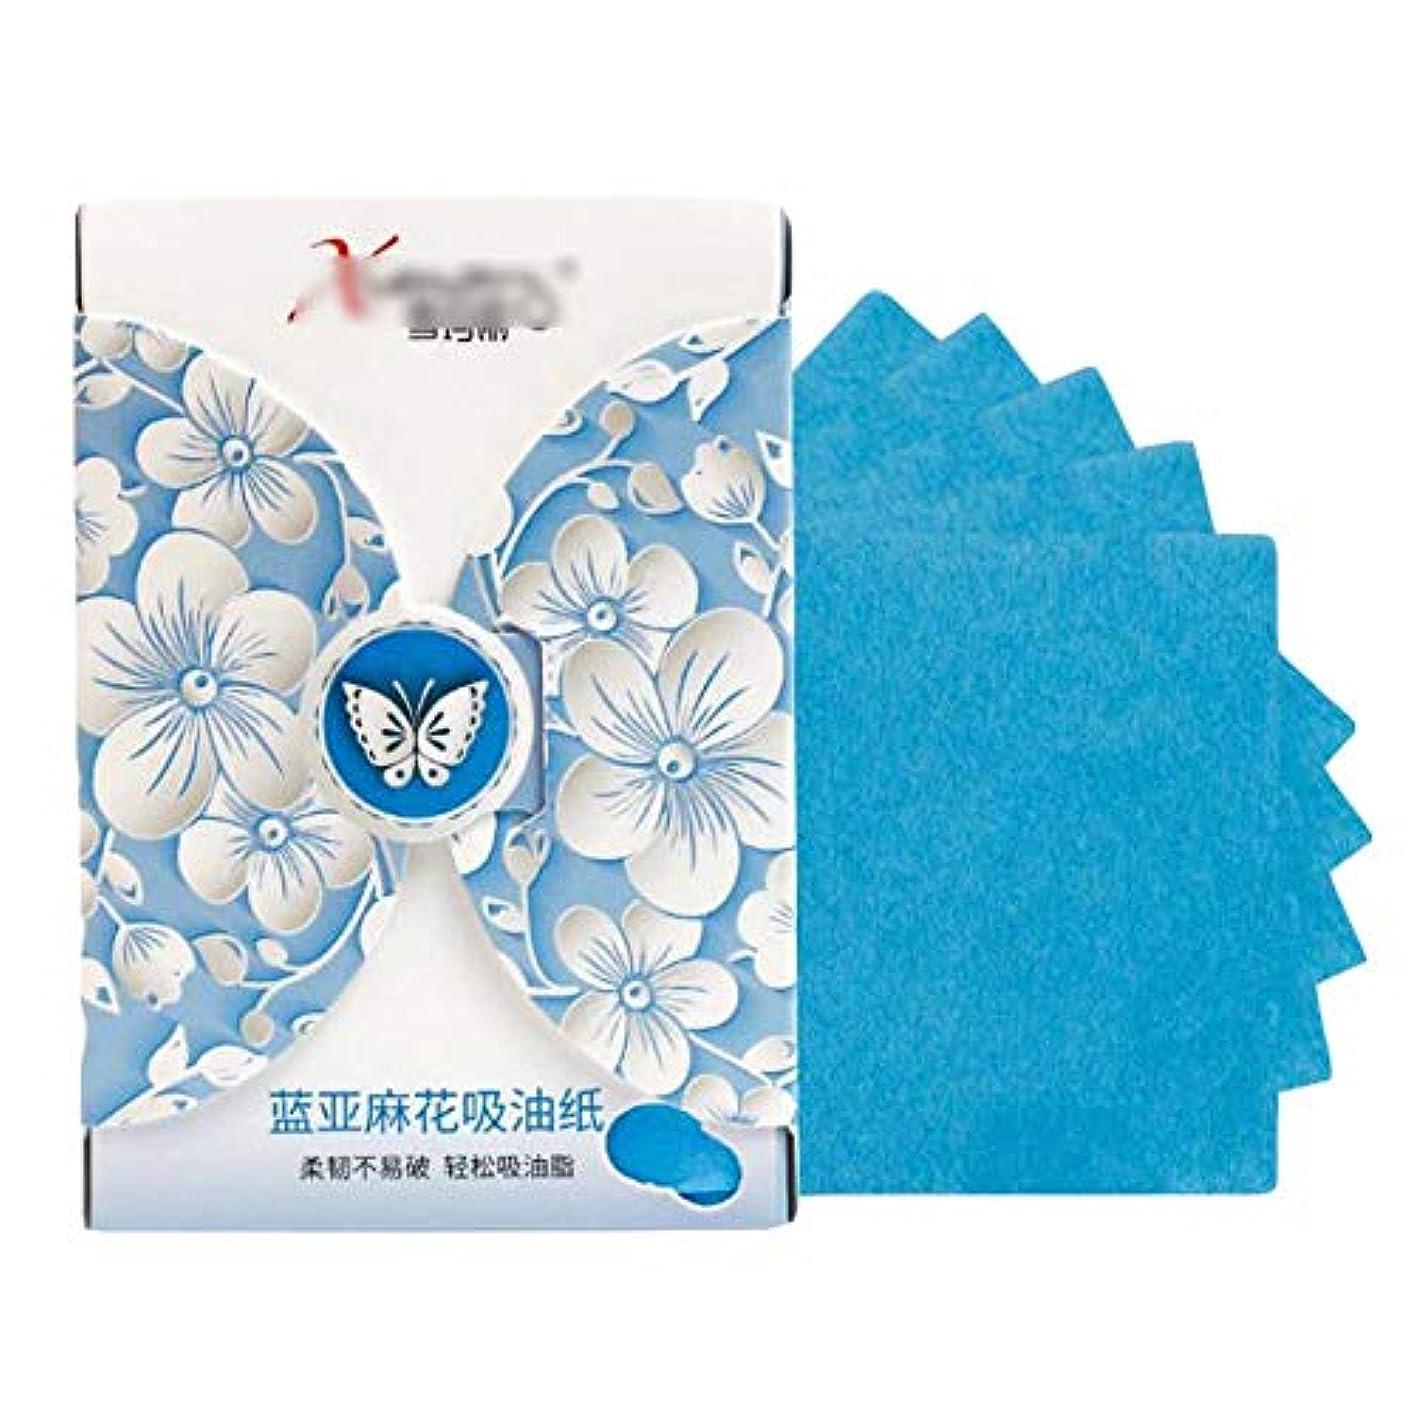 服を洗う吸収するぺディカブブルーオイルブロッティングペーパーポータブルオイルコントロールペーパー、200枚